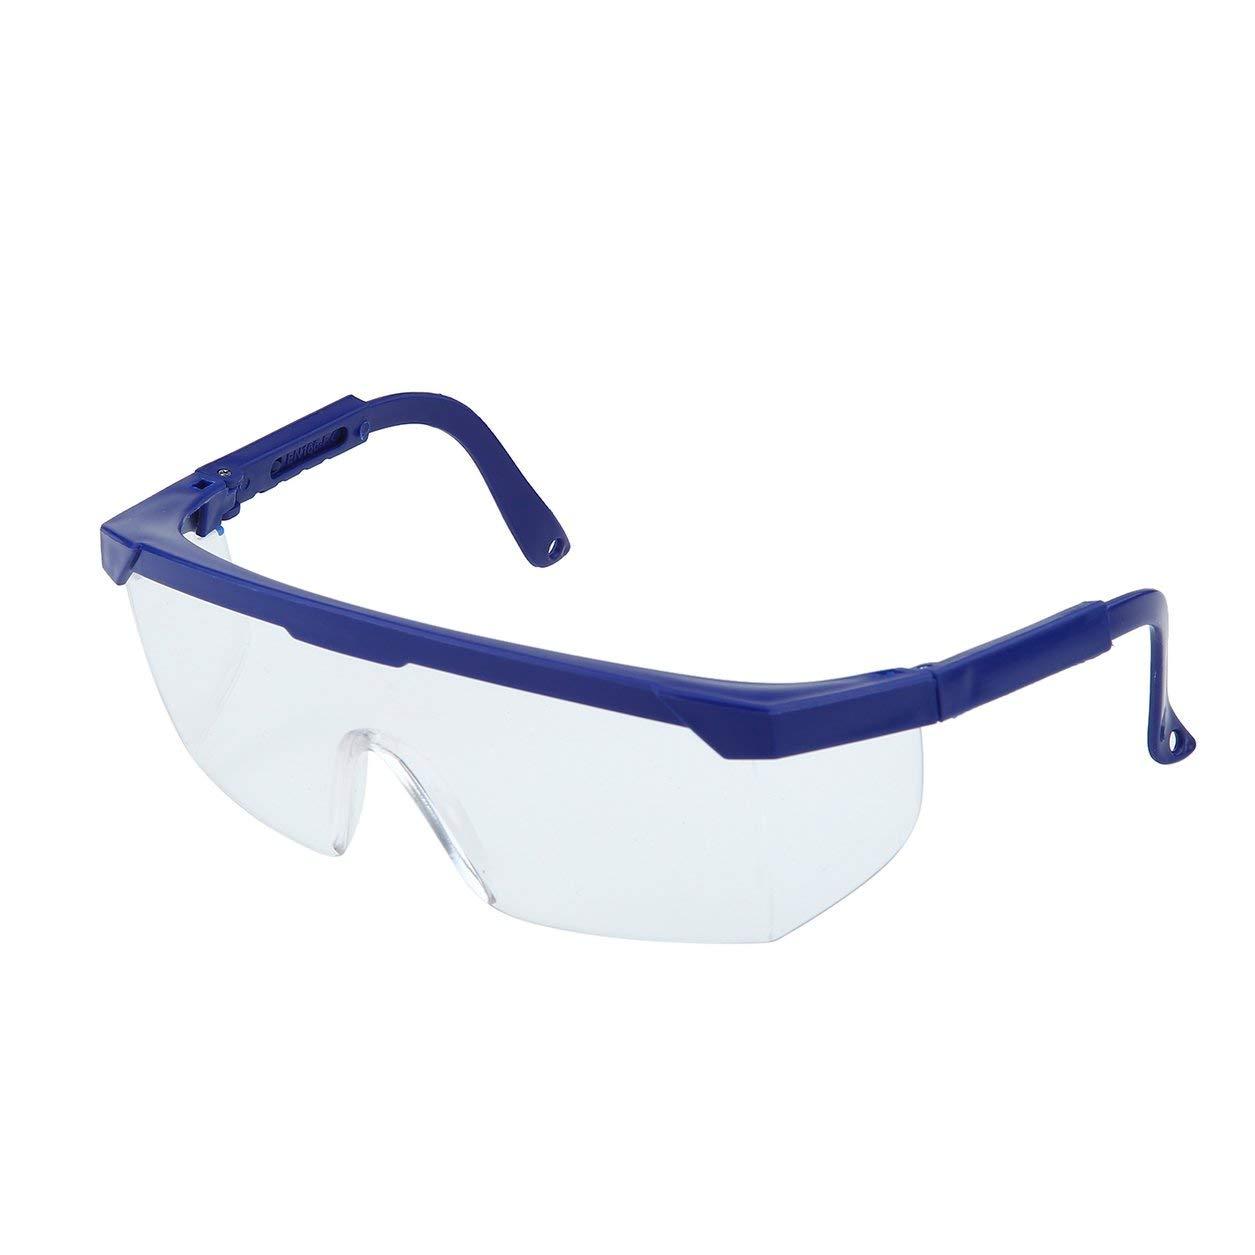 Occhiali protettivi per la sicurezza degli occhi Occhiali protettivi per la polvere da laboratorio Occhiali antischiacciamento industriali antischiavolo blu